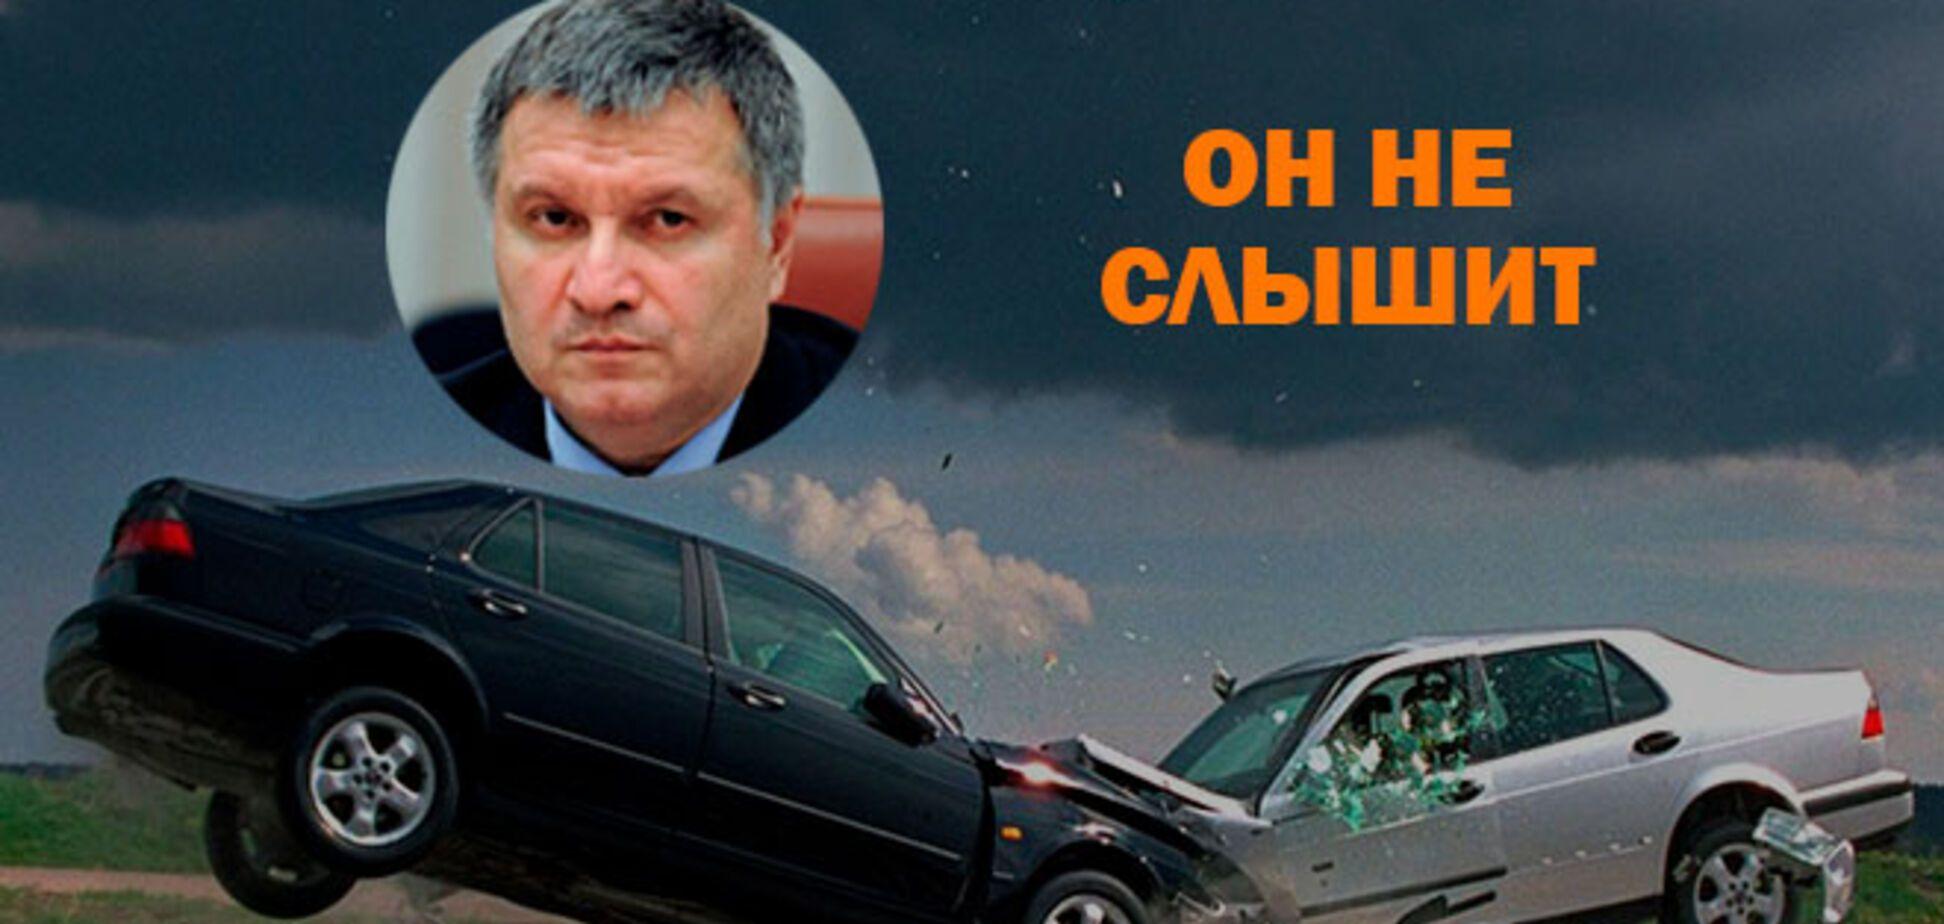 Автомобілем керував силовик: подробиці жахливої ДТП під Києвом